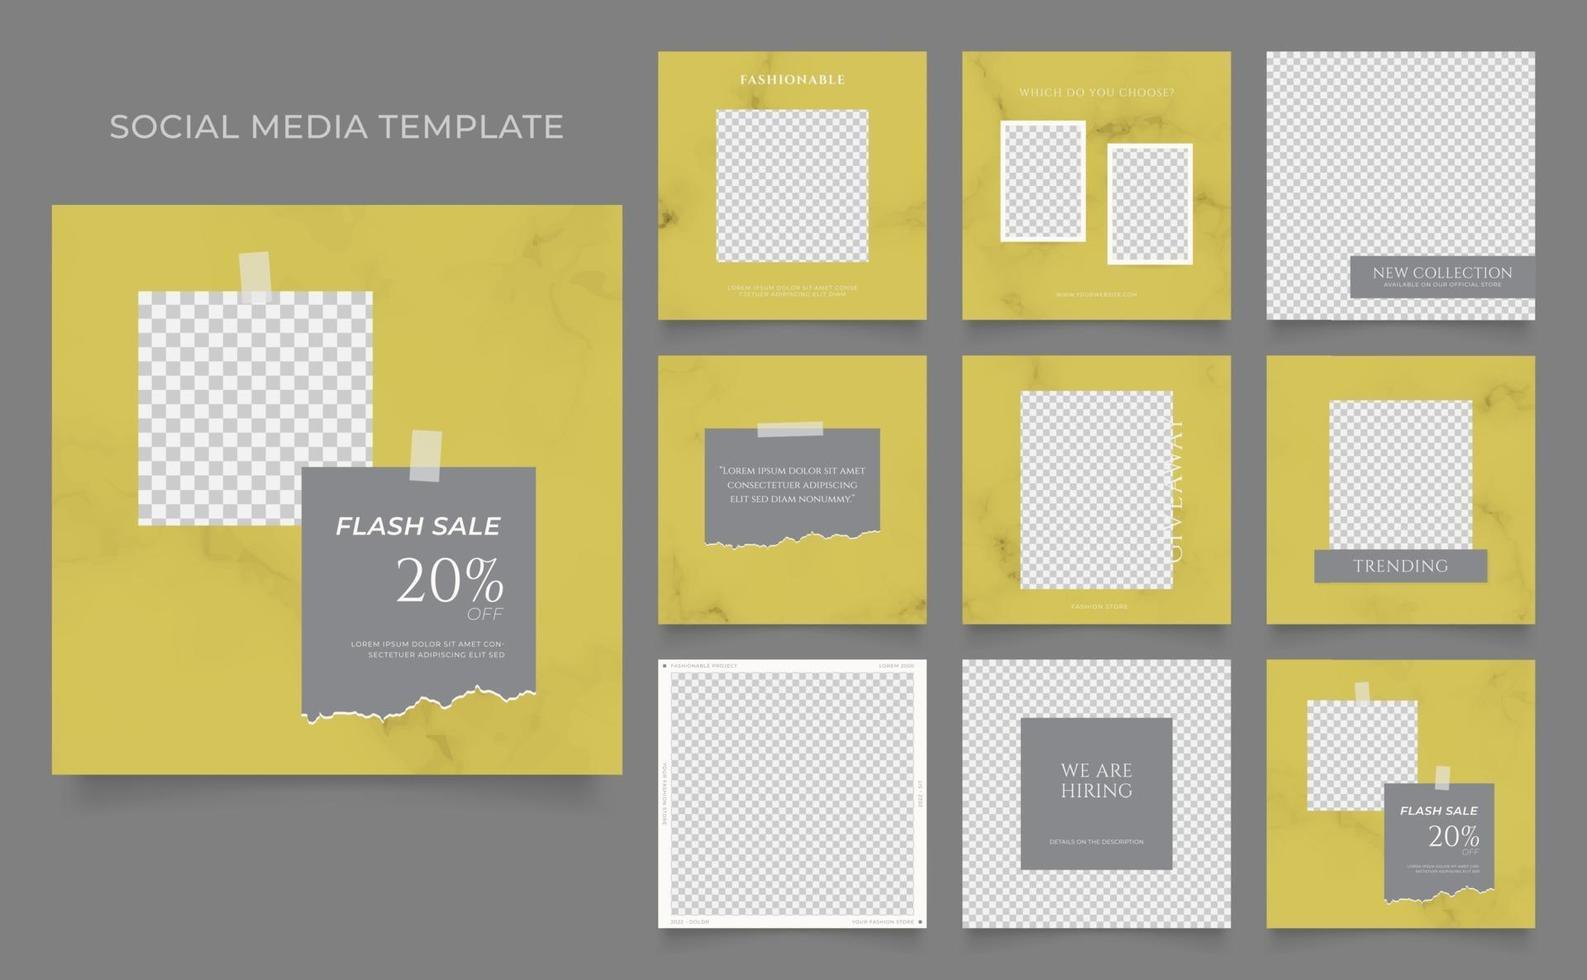 sociale media sjabloon banner blog mode verkoop promotie. volledig bewerkbare vierkante postframe puzzel organische verkoop poster. geel grijze vector marmeren achtergrond